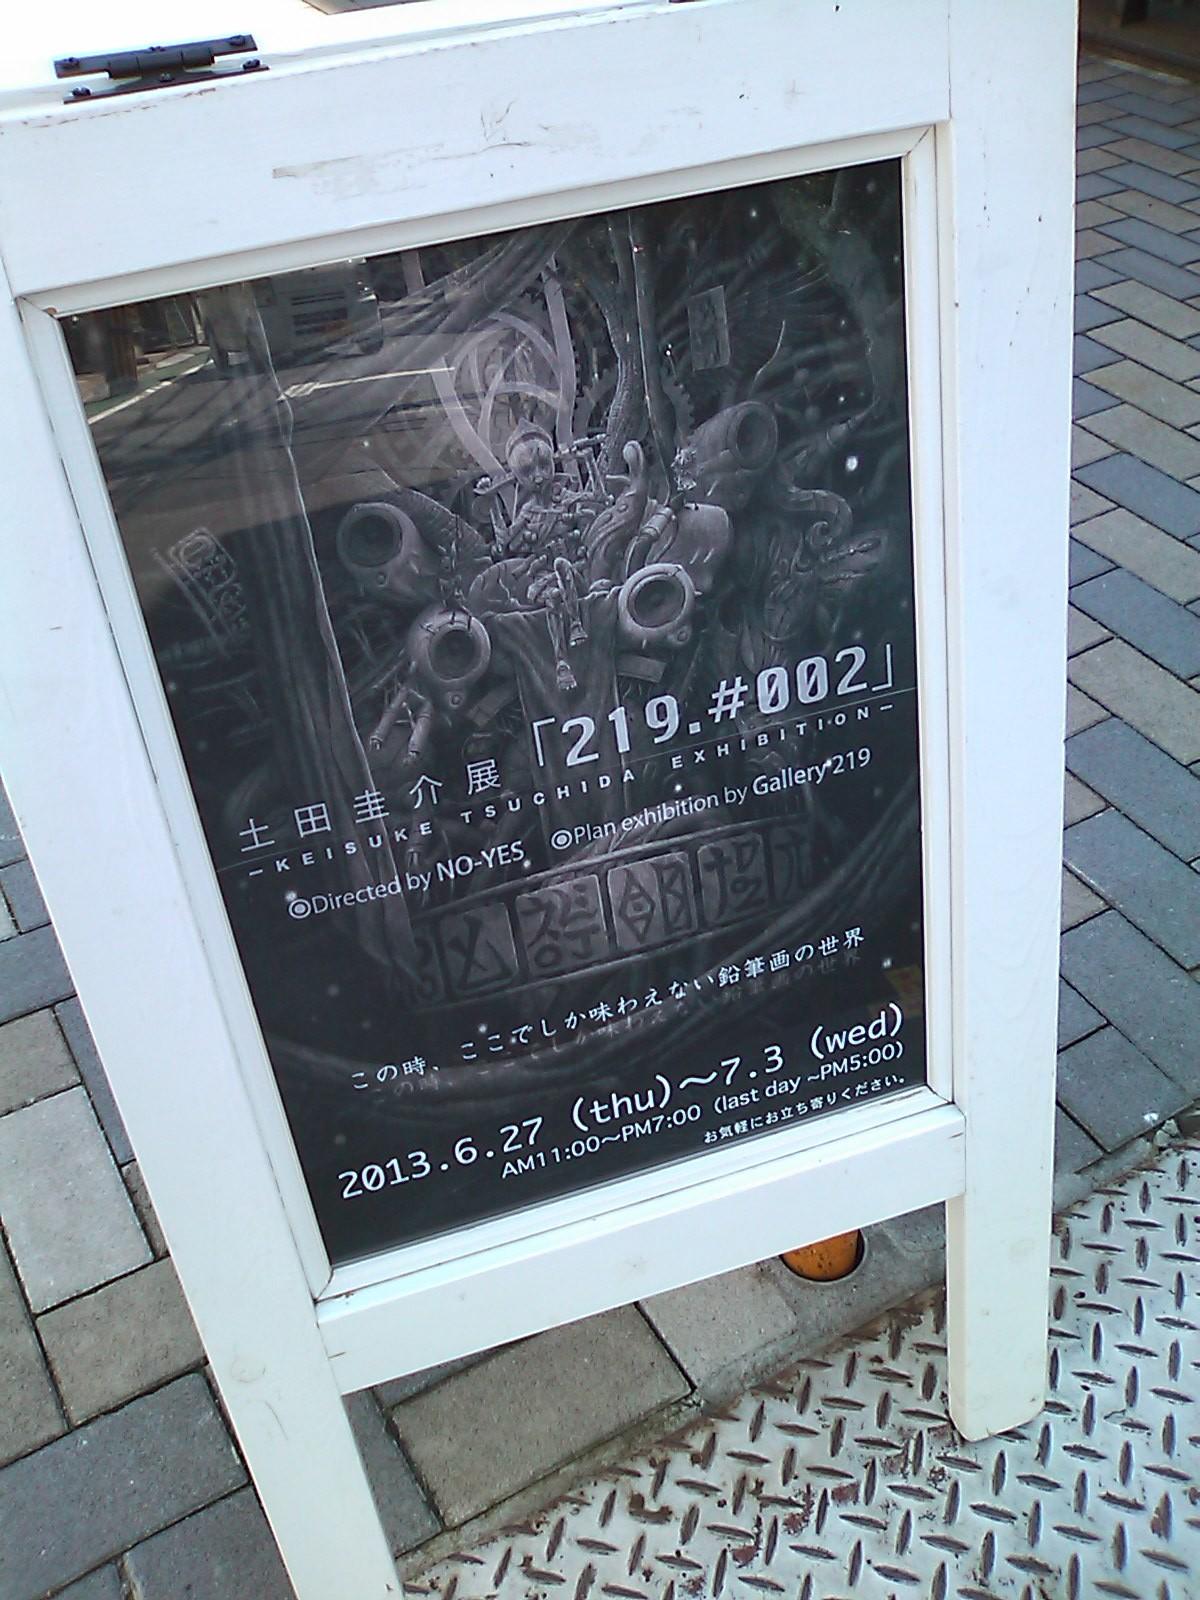 Keisuke Tsuchida 219.#002